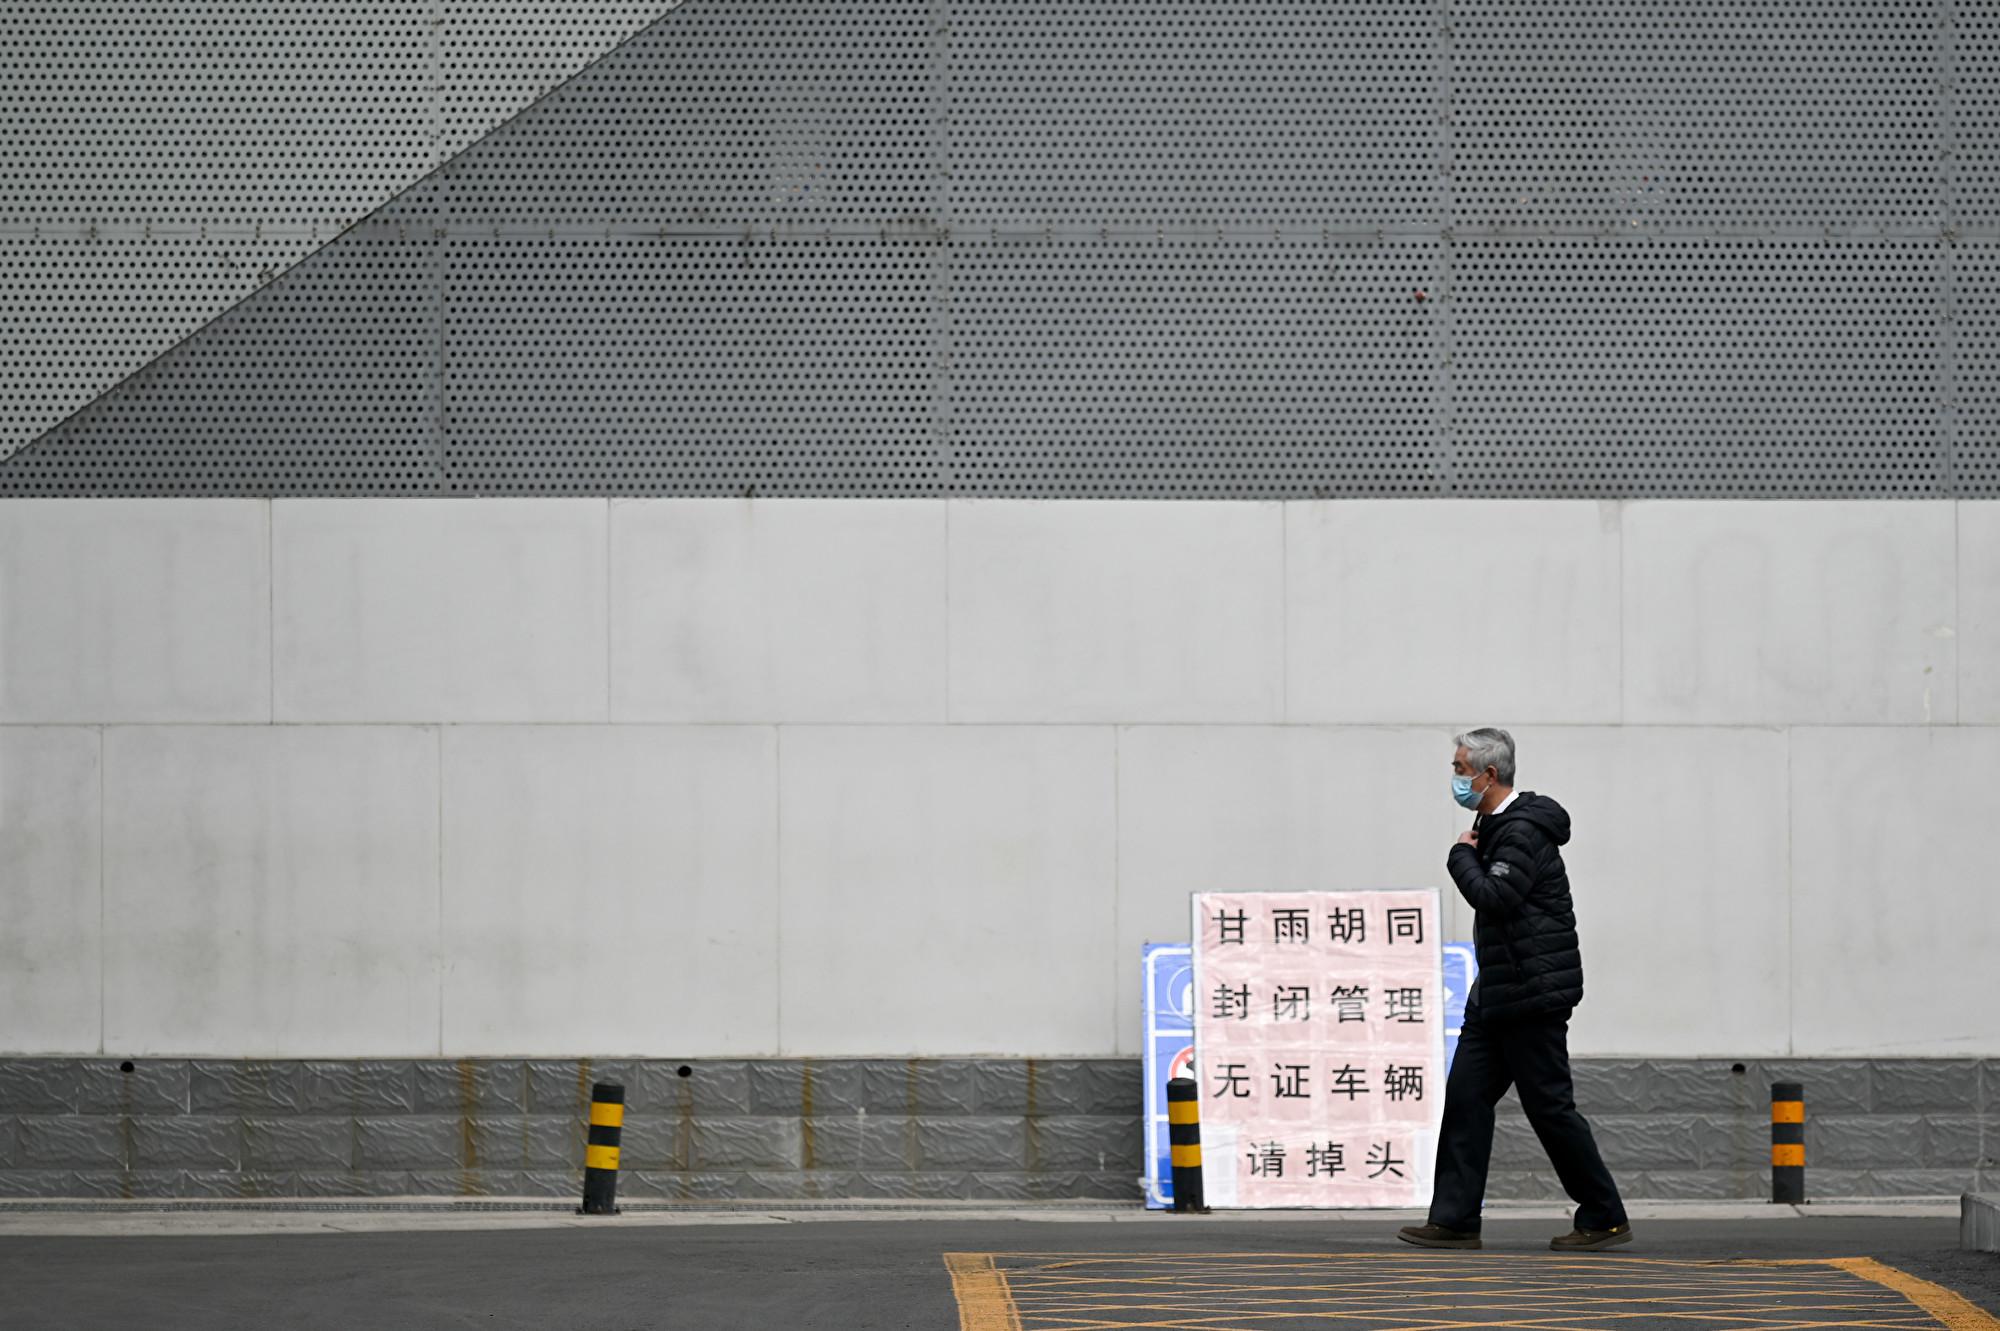 北京的中共病毒肺炎疫情形勢嚴峻,很多地區都實施封閉式管理。圖為2020年2月25日,一名戴著口罩的老人在北京的一條空蕩蕩的道路上行走。(STR/AFP)